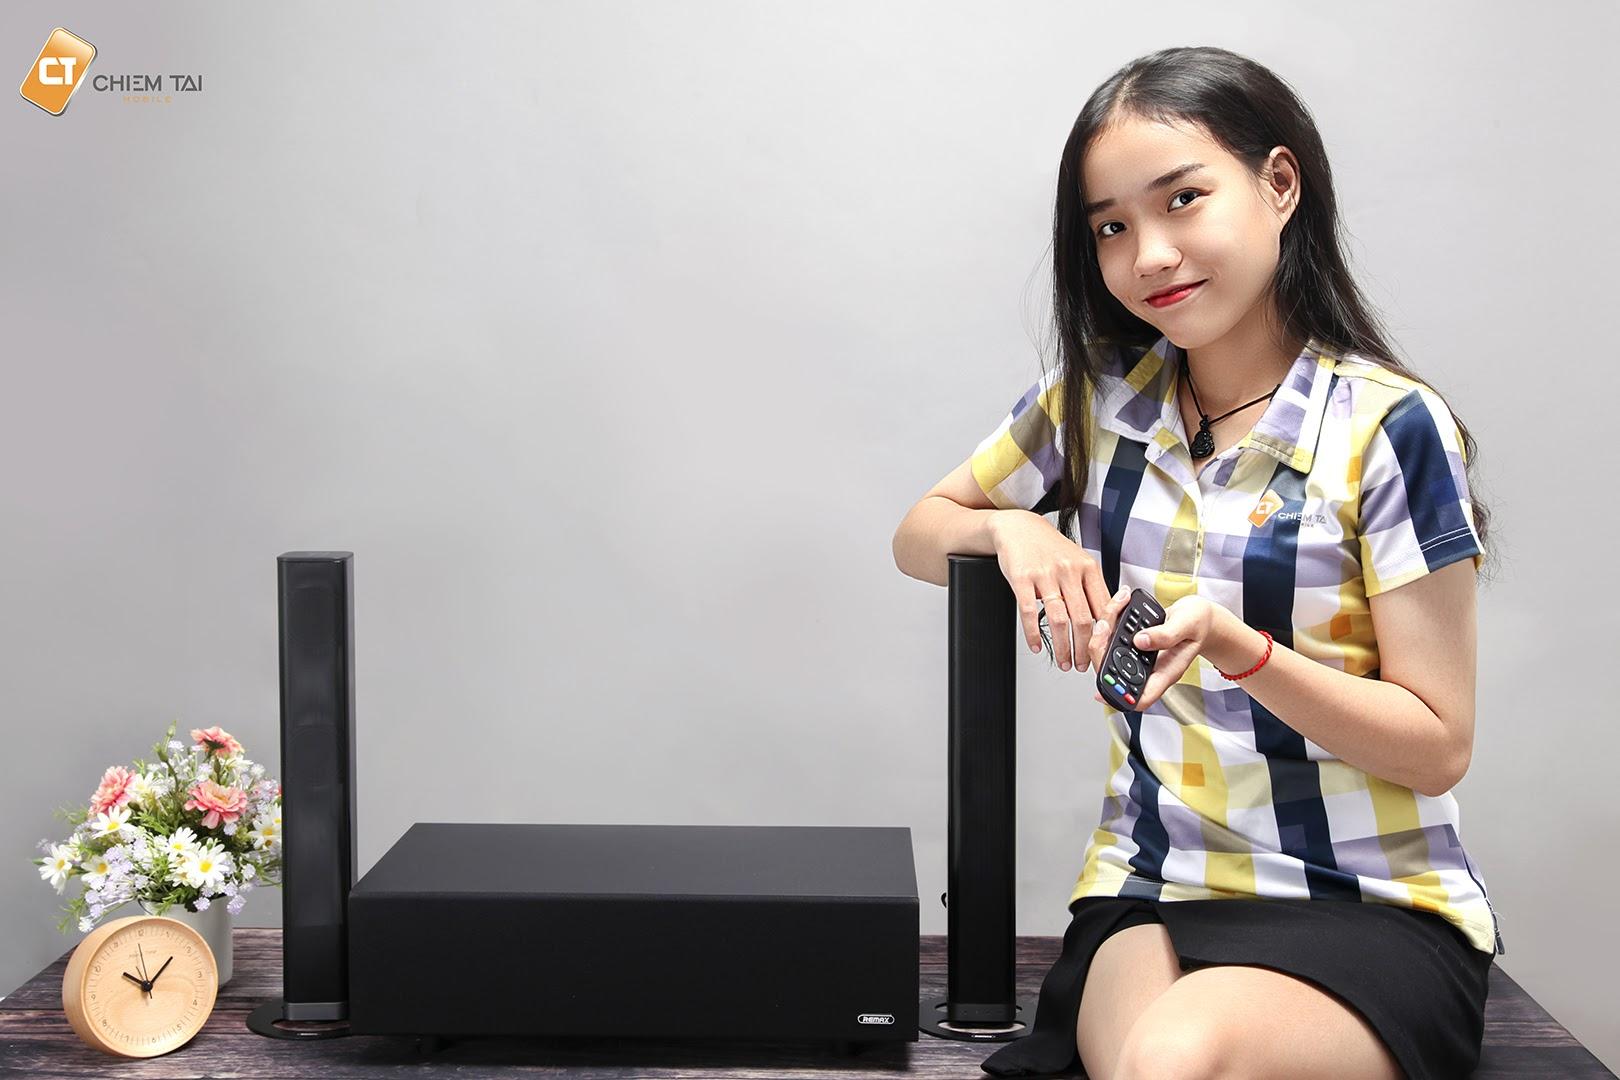 Dàn loa âm thanh Bluetooth Remax RTS-20